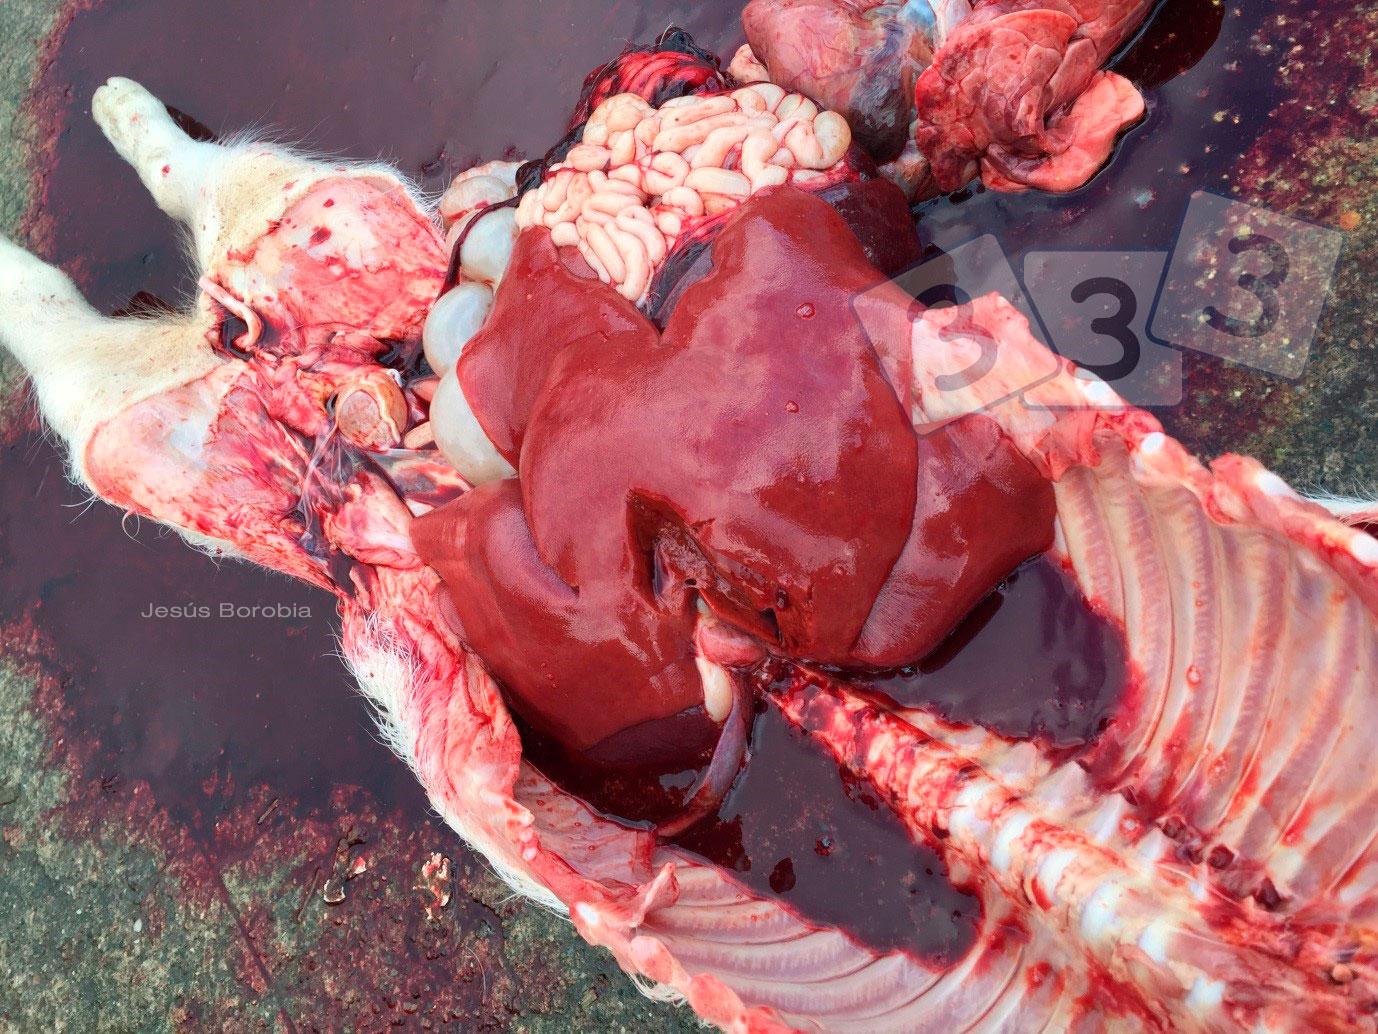 Hepatic Rupture Atlas Of Swine Pathology Pig333 Pig